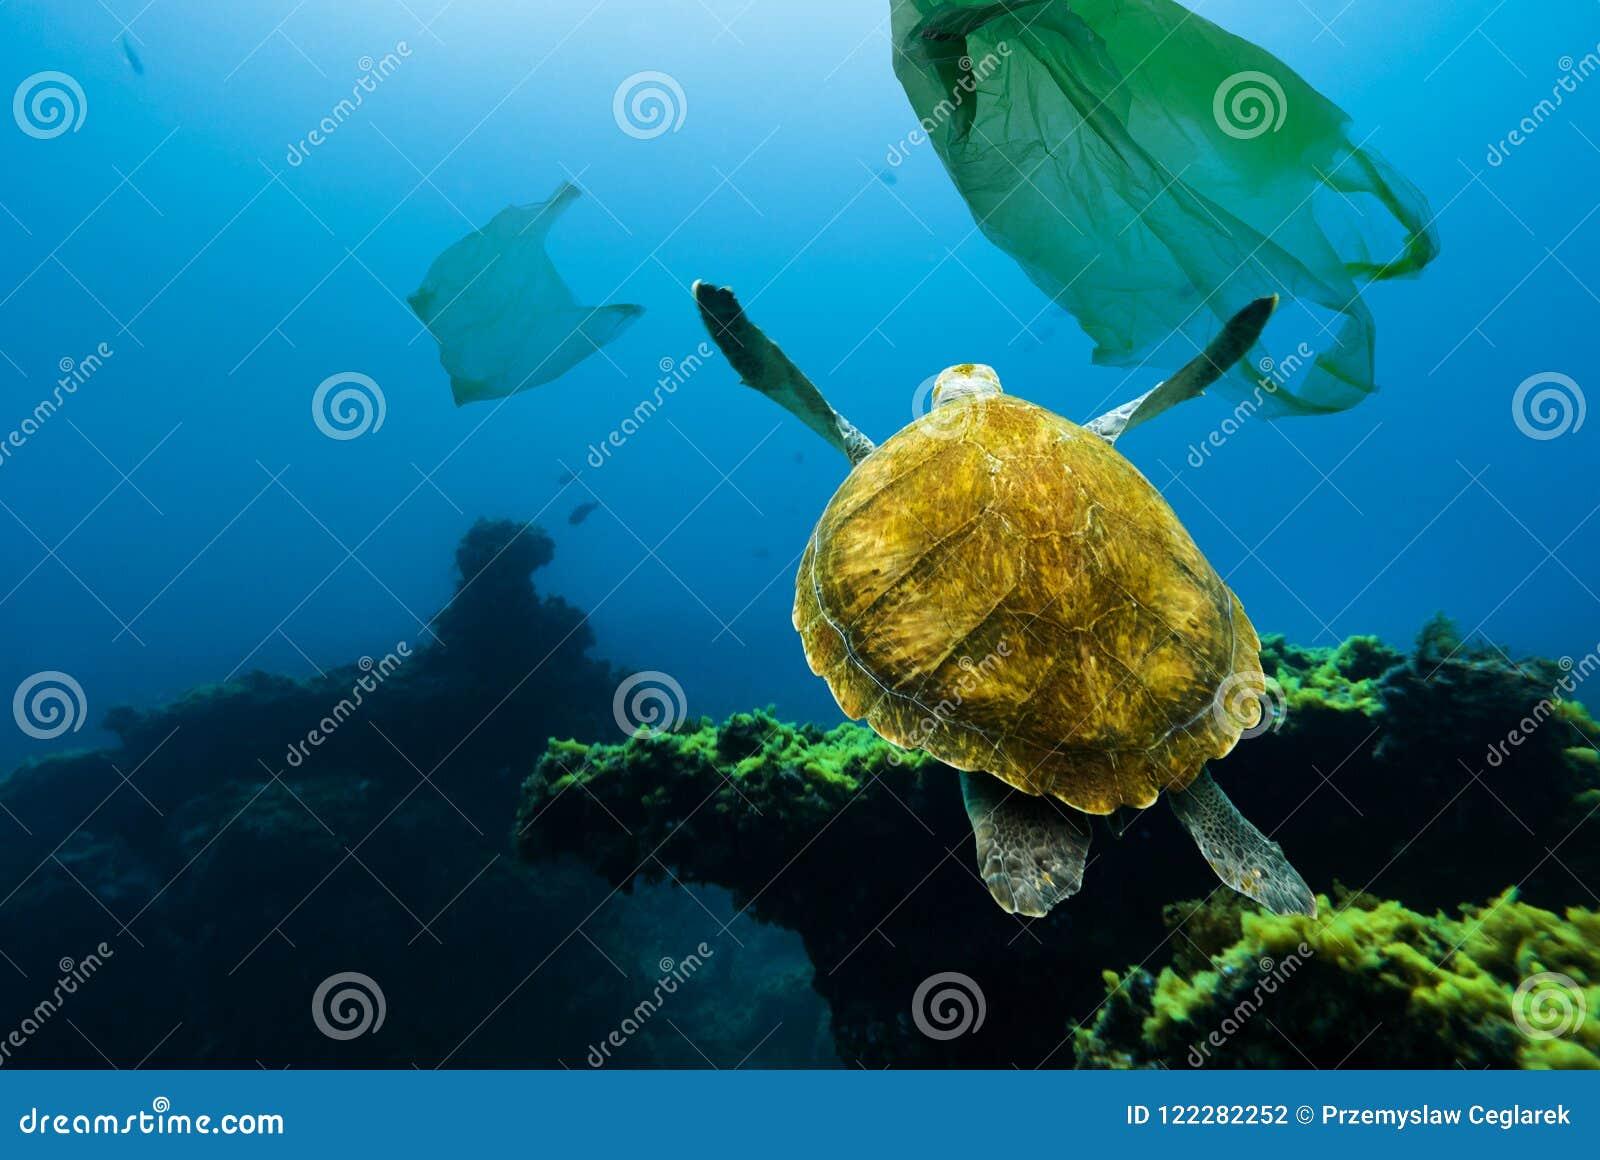 Poluição subaquática Tartaruga subaquática que flutua entre sacos de plástico